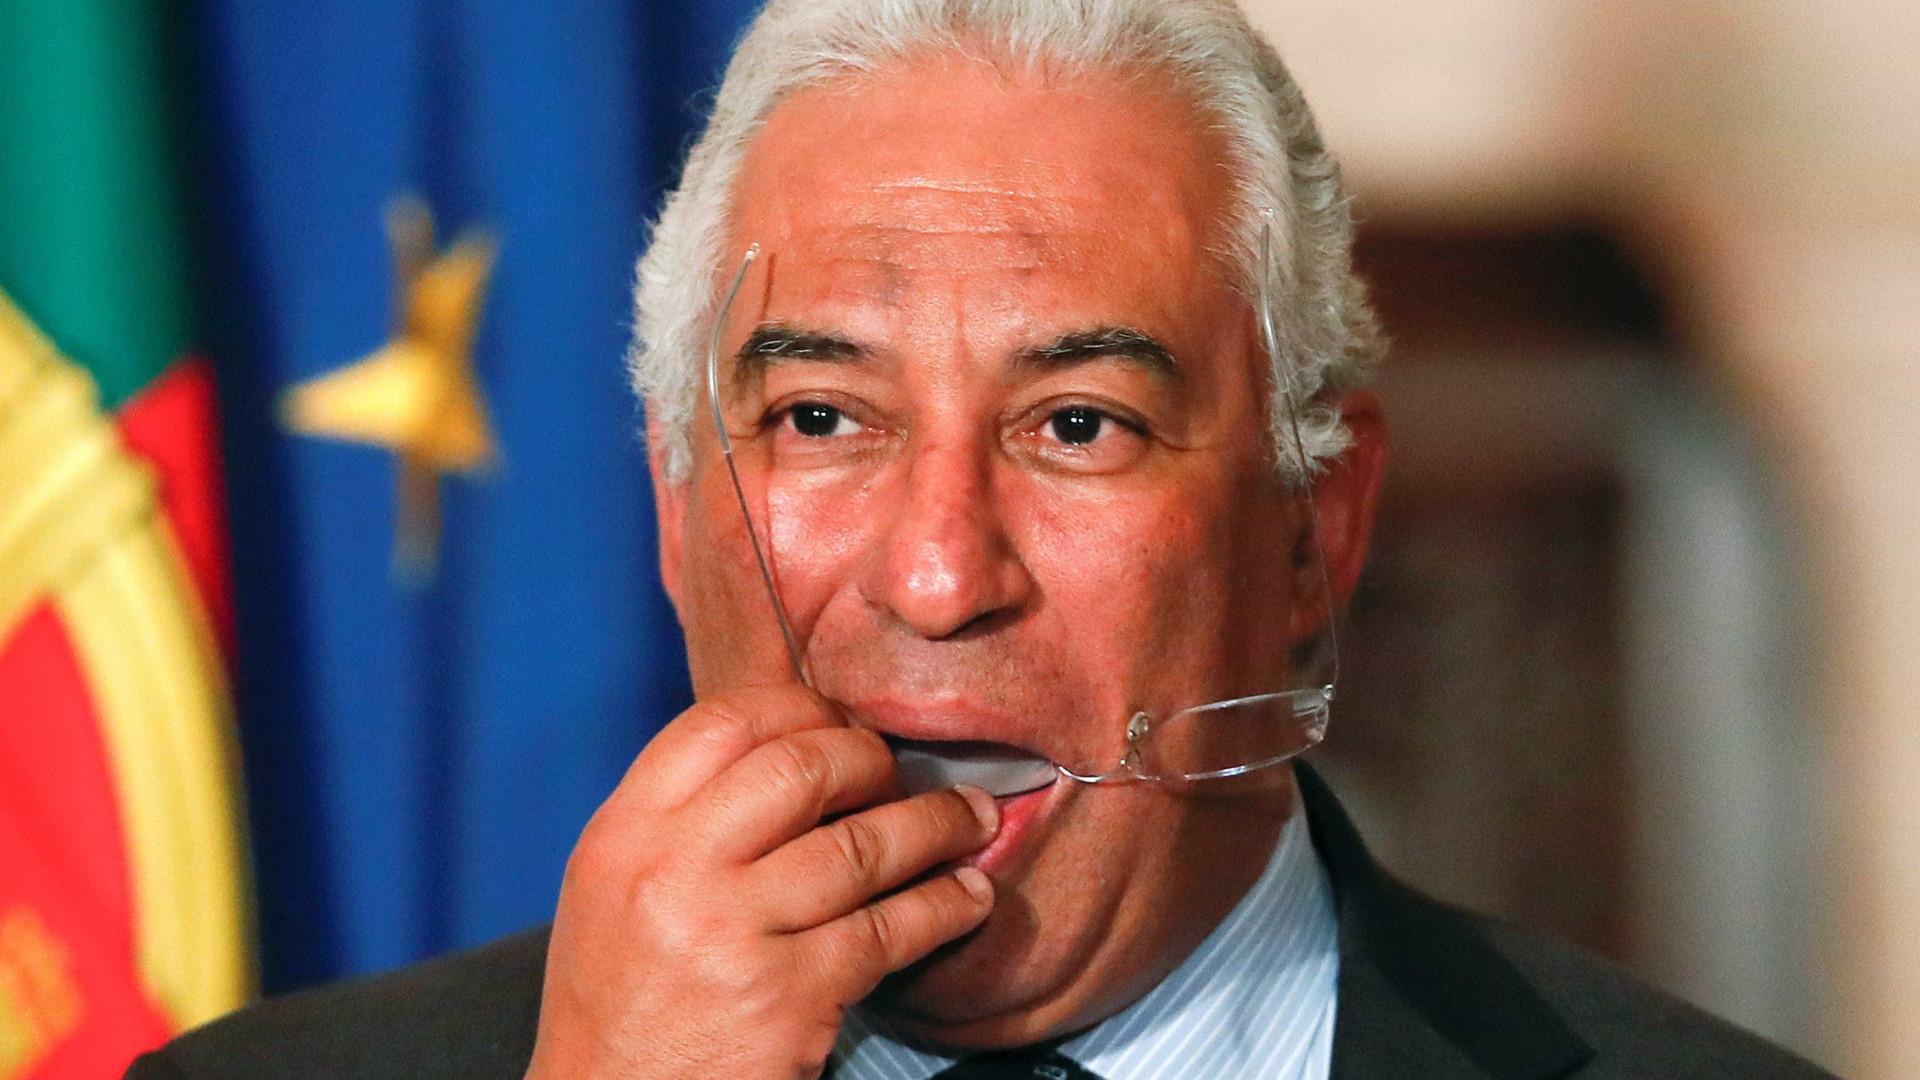 Associação cívica de apoio a Rui Moreira questiona Costa sobre Infarmed